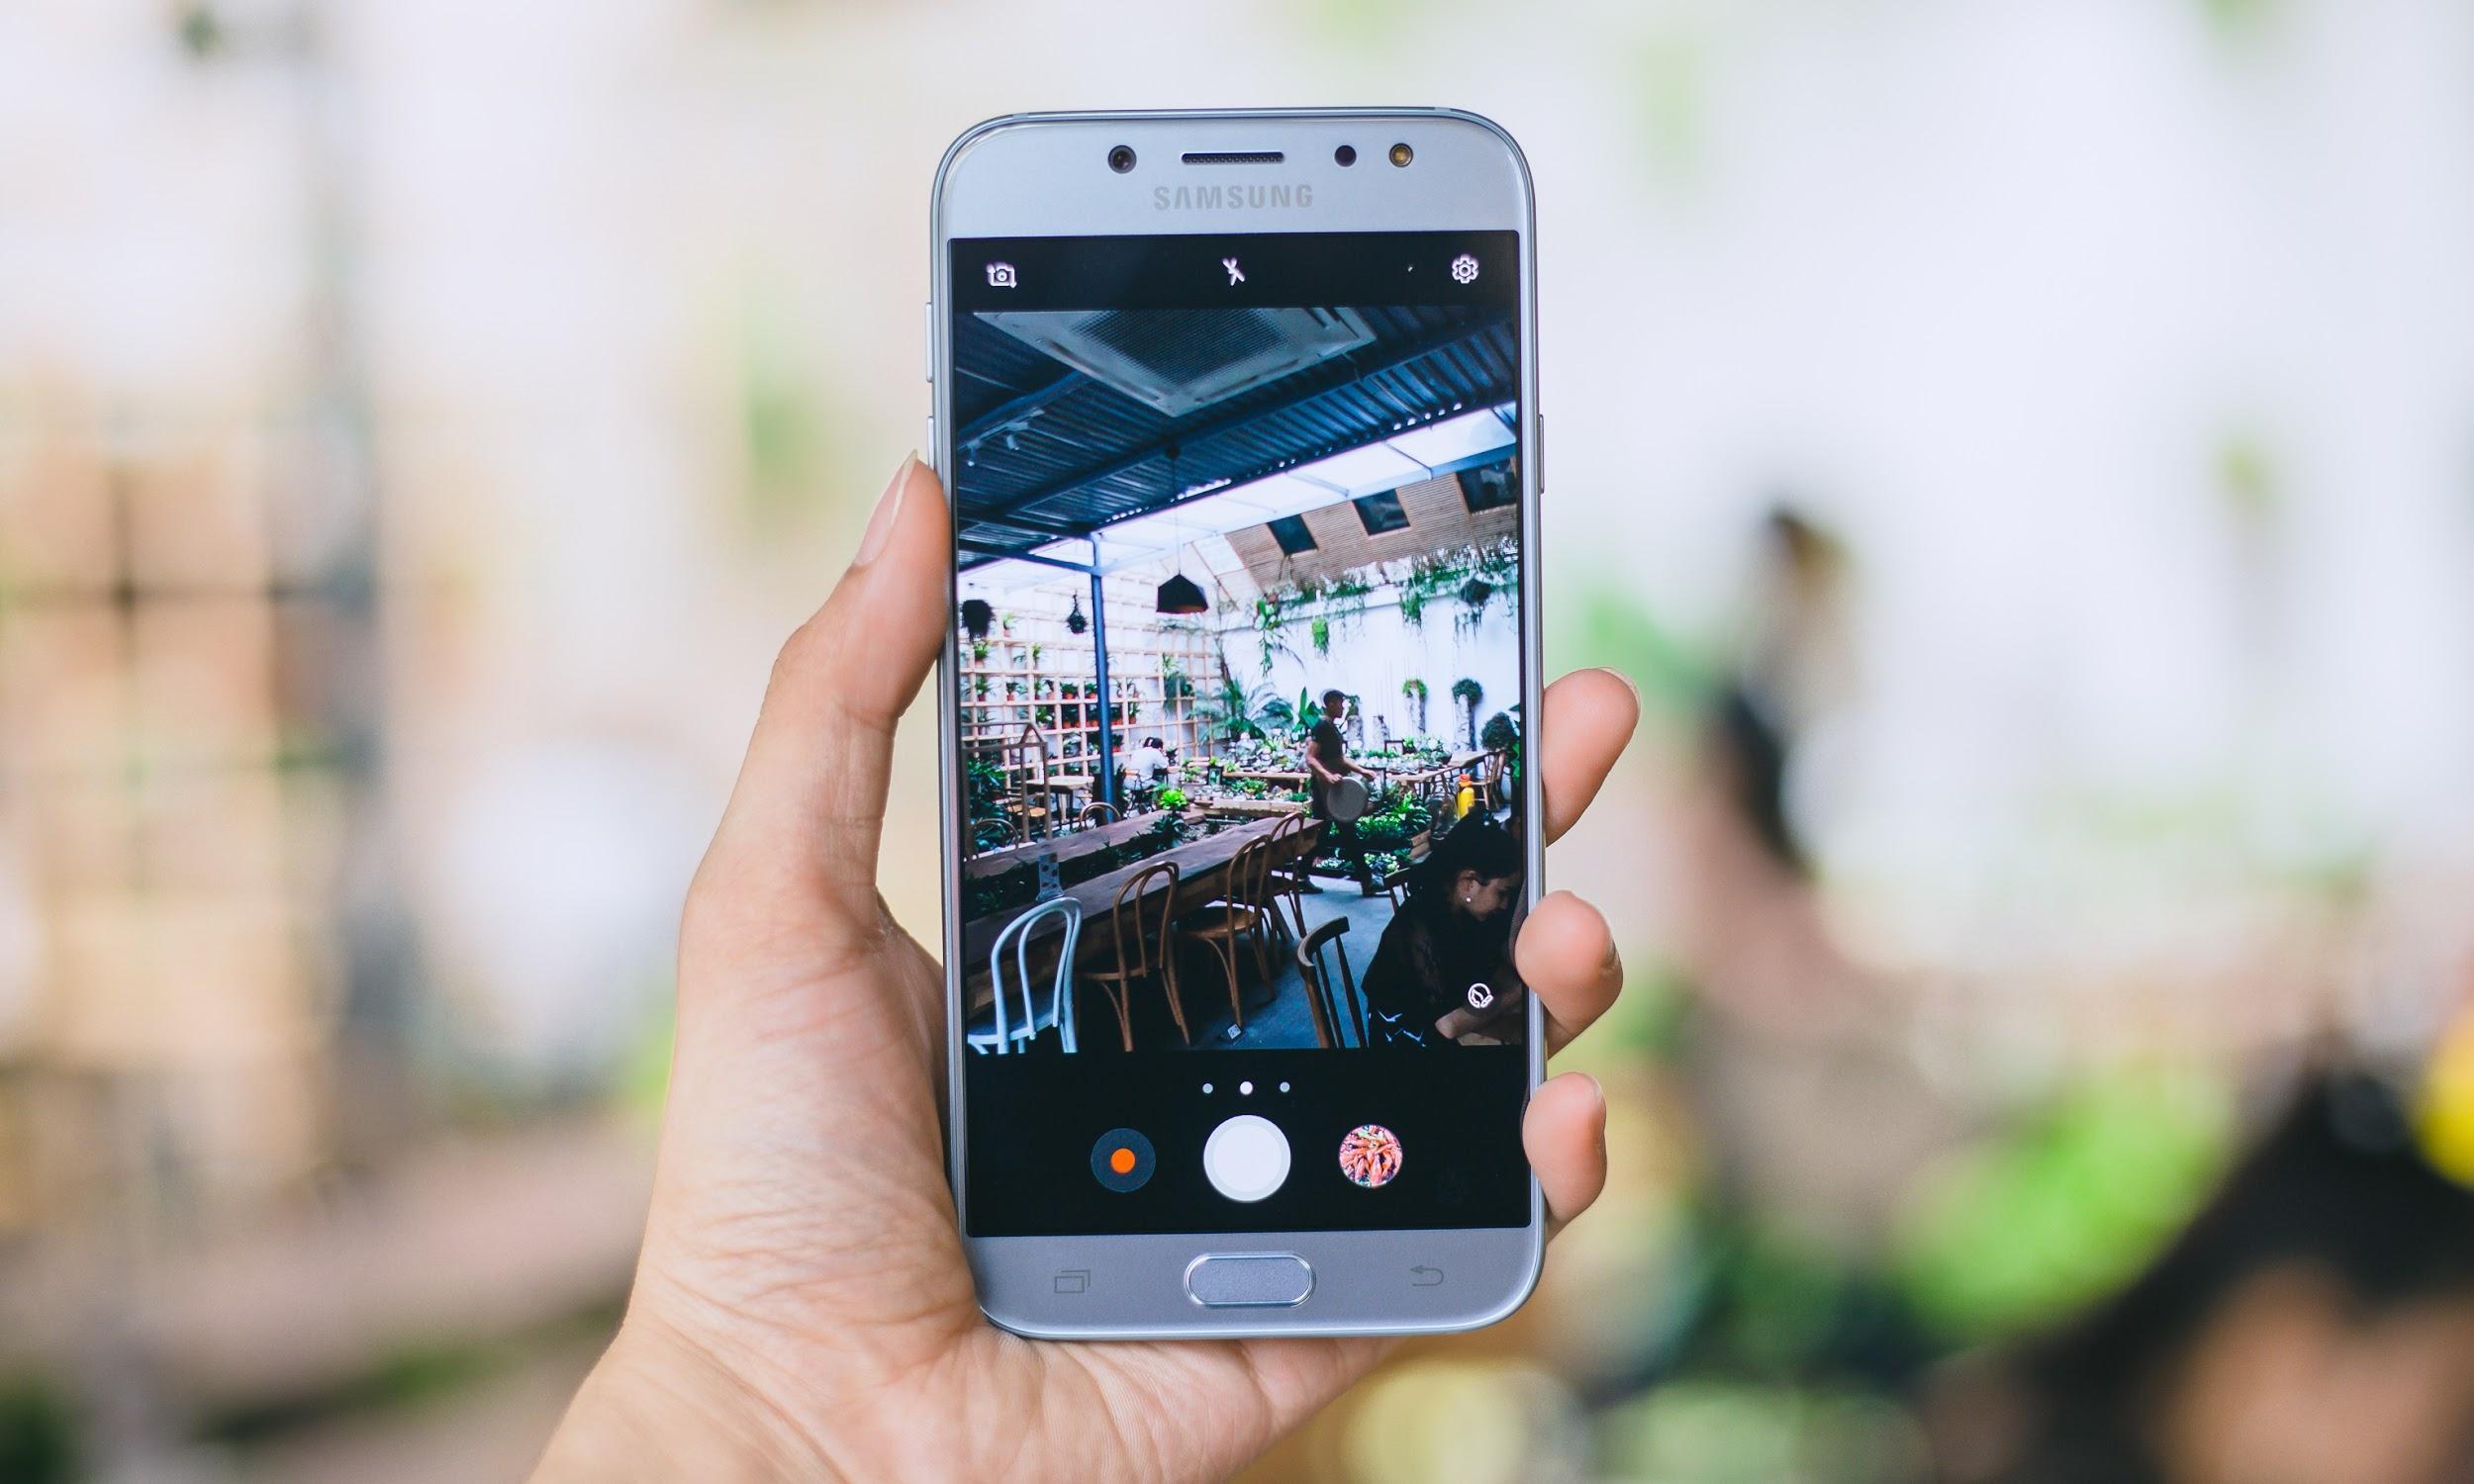 Galaxy J7 Pro vừa tạo cú hích mạnh mẽ tại phân khúc tầm trung